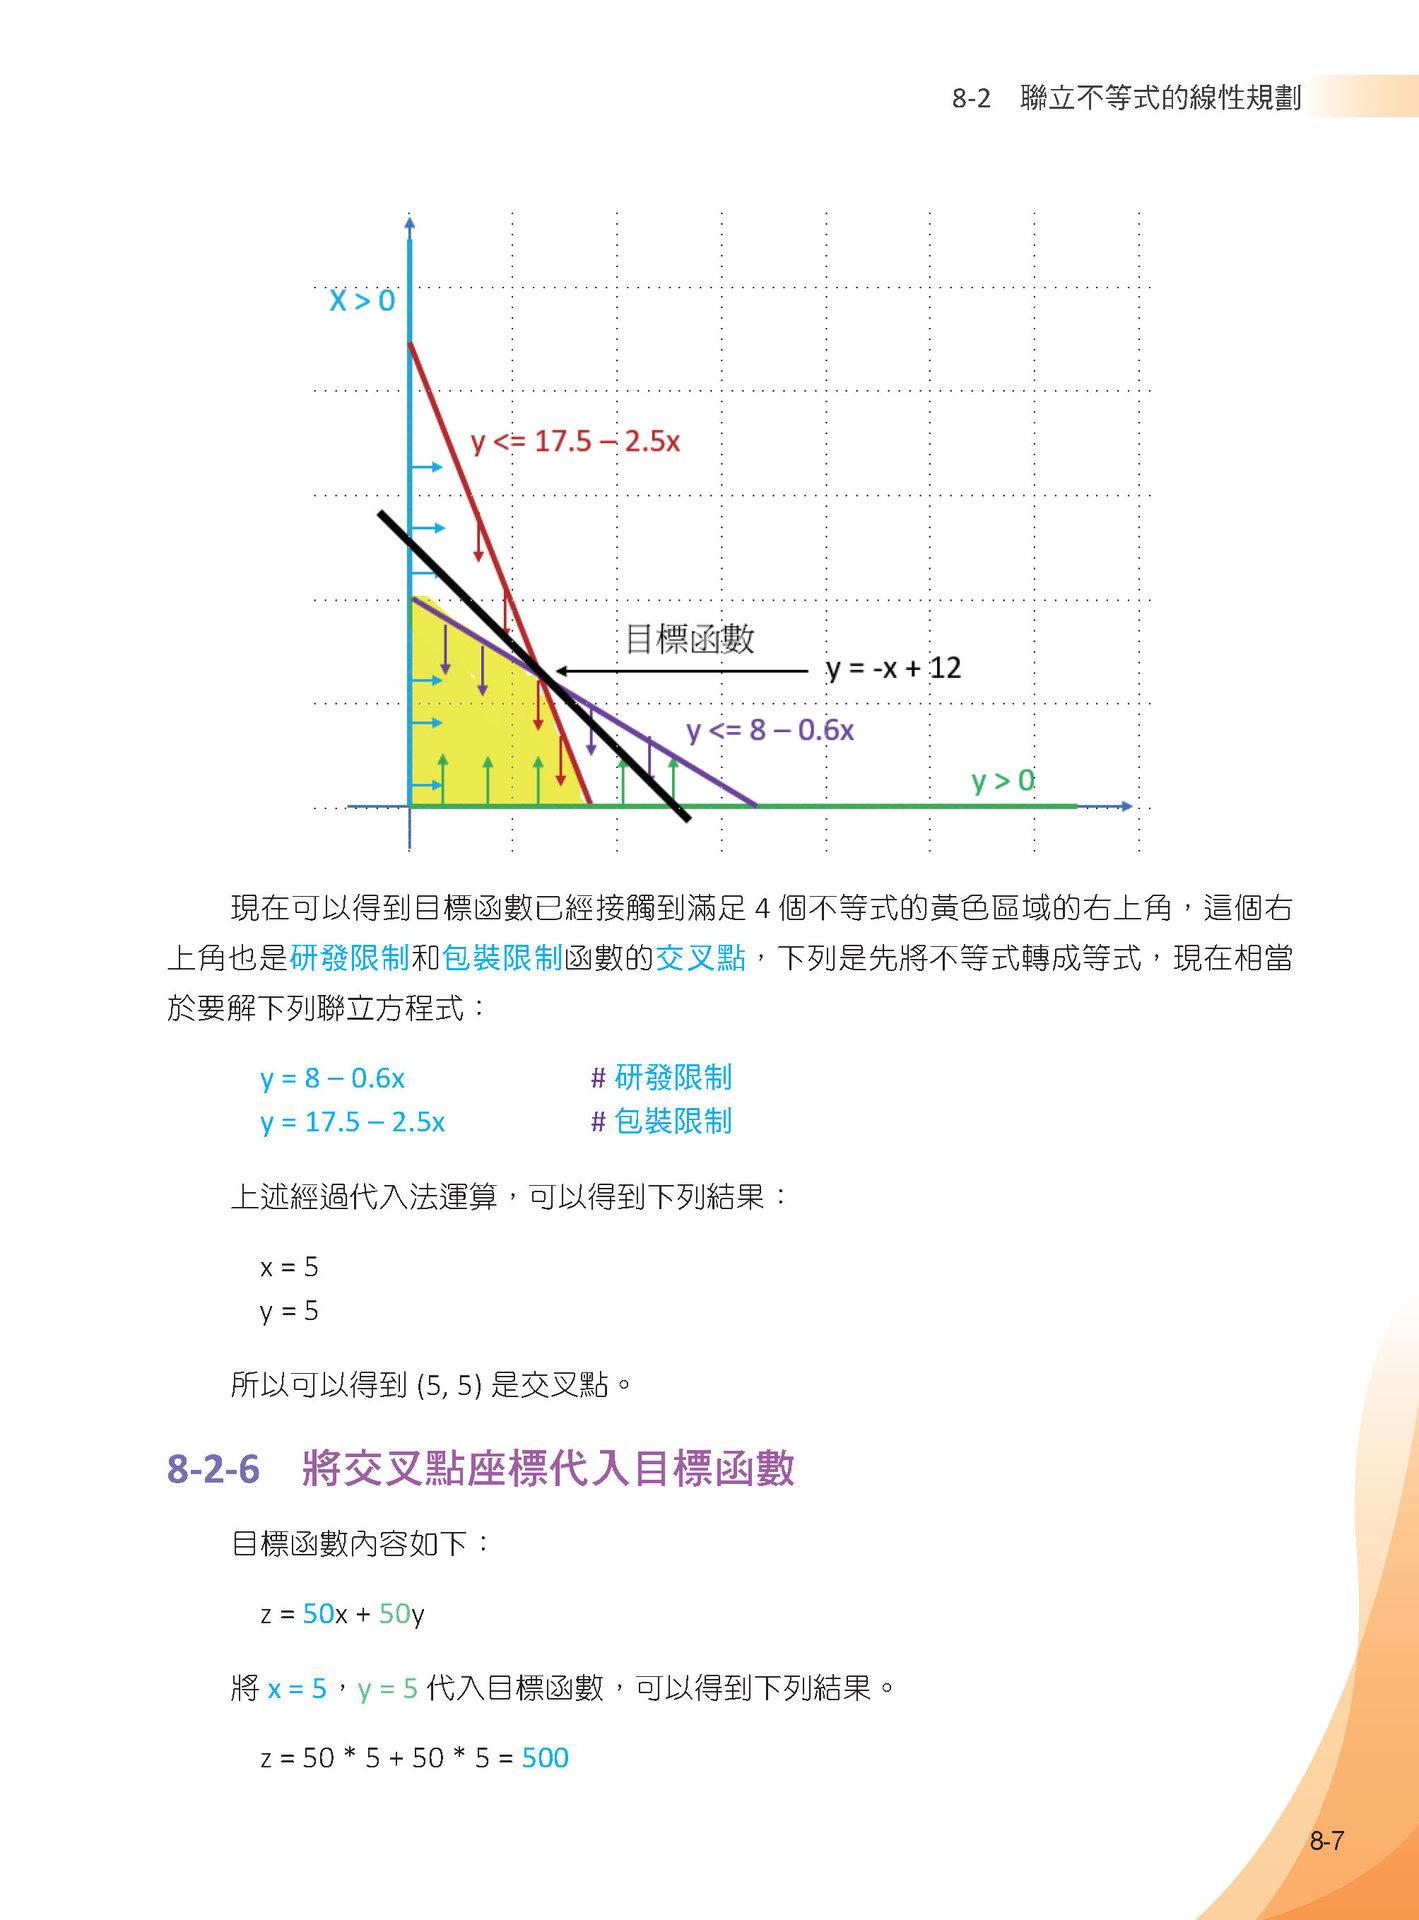 機器學習:彩色圖解 + 基礎數學篇 + Python實作 -- 王者歸來 (全彩)-preview-4